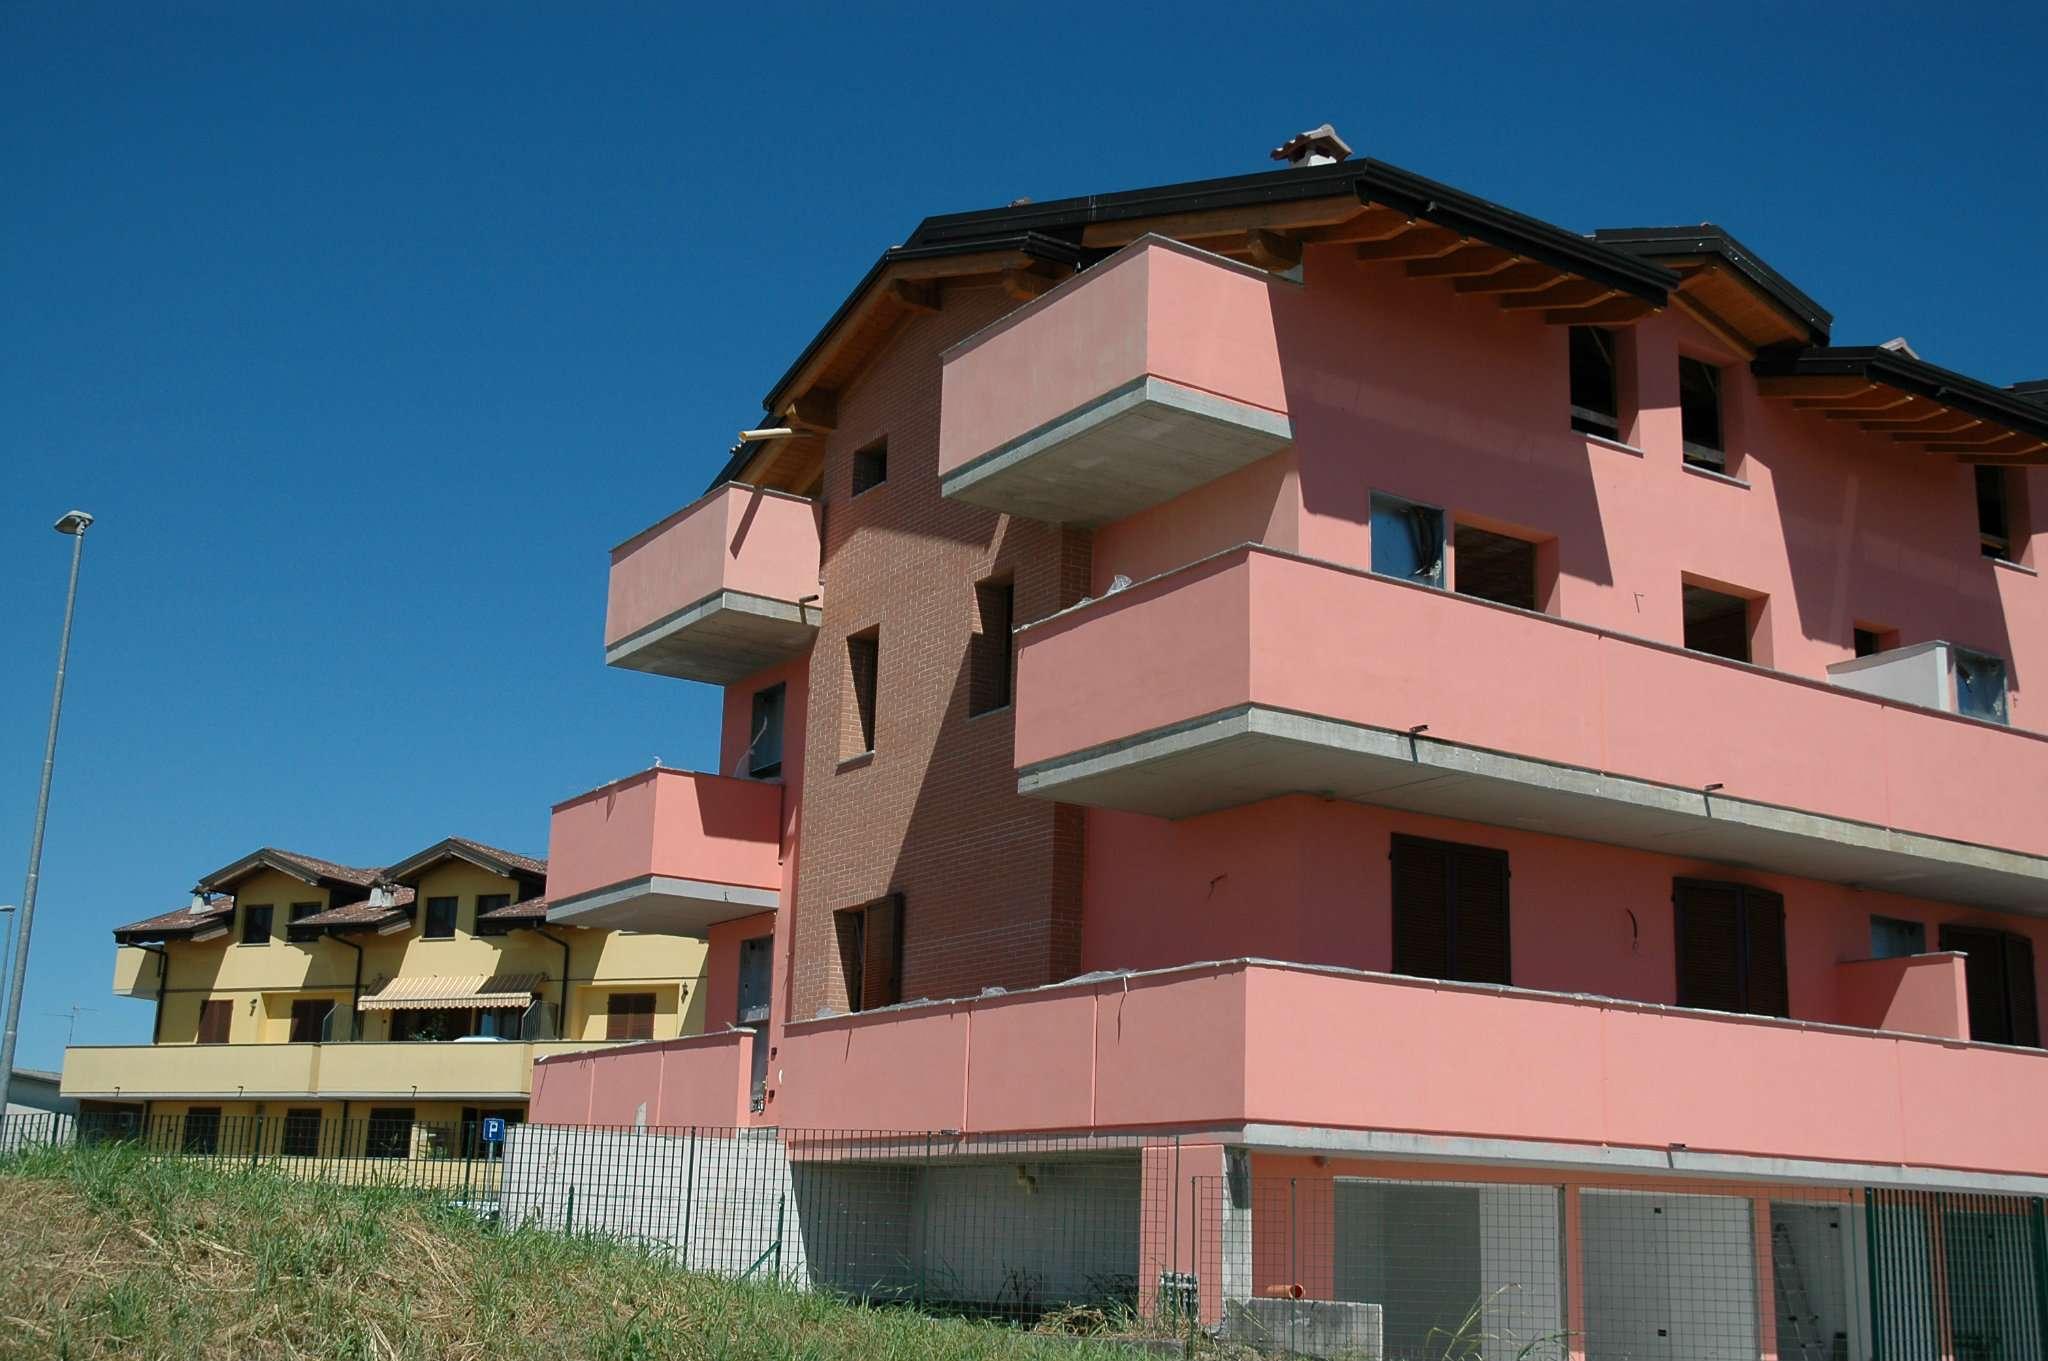 4 Locali nuovo, in vendita a Boffalora d'Adda